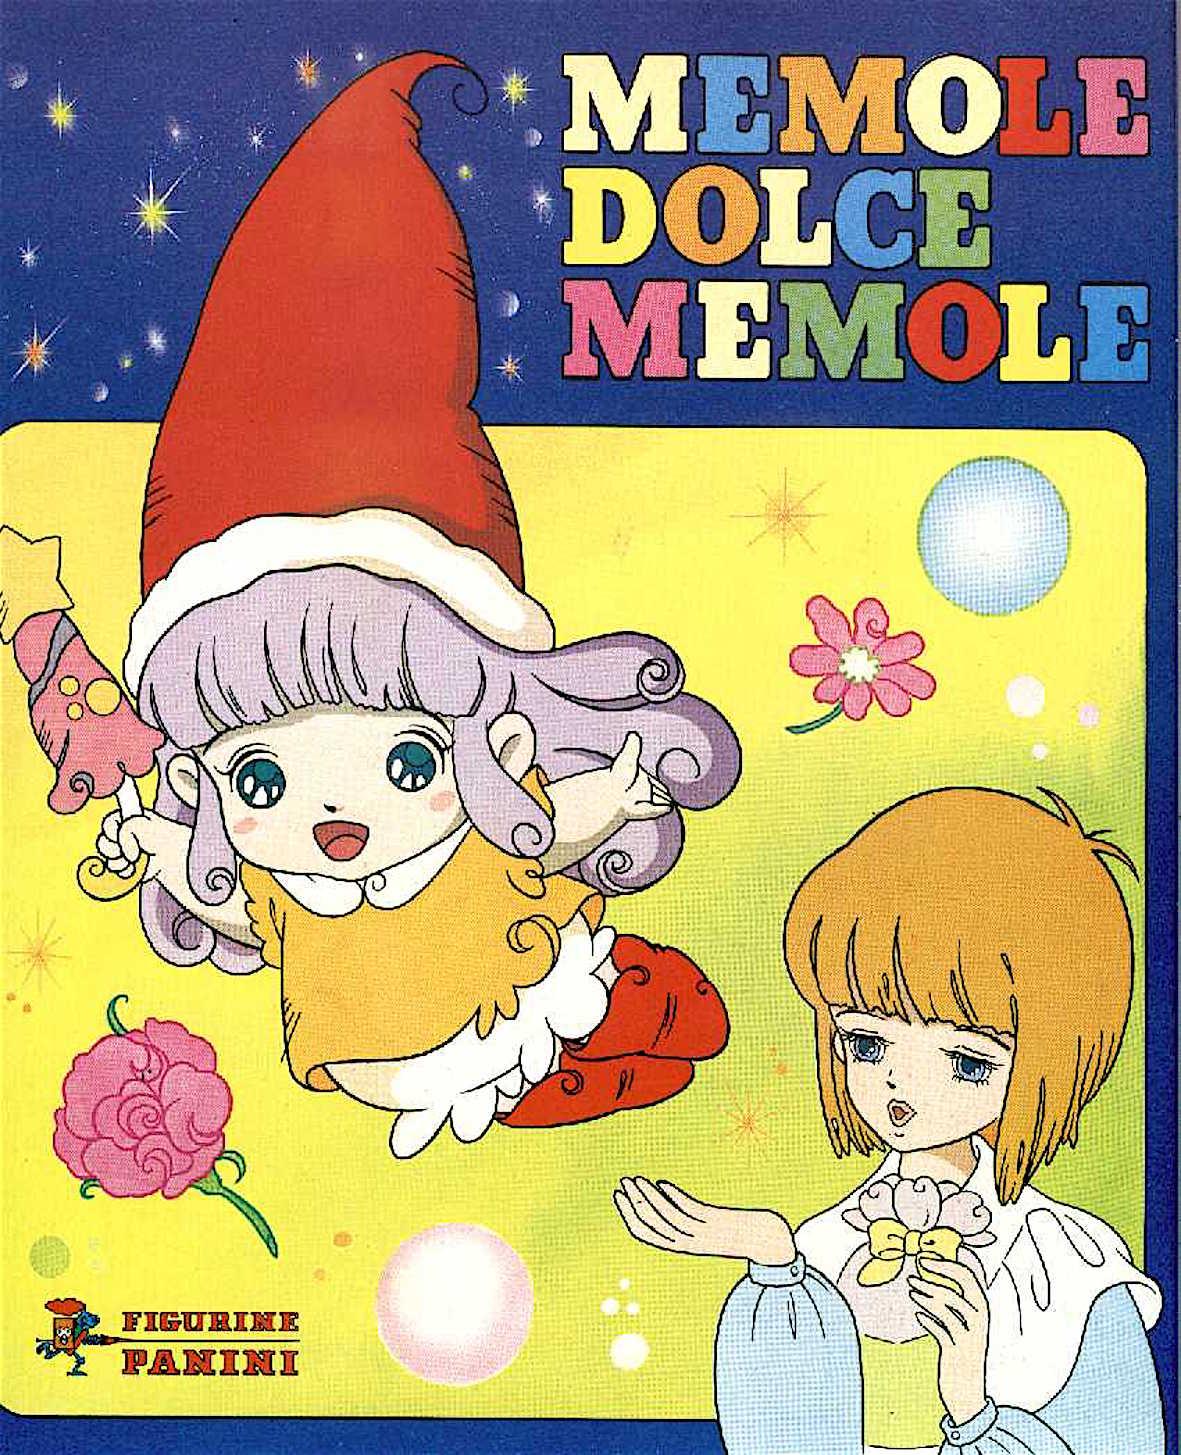 Memole dolce cartoni anime curiosando anni